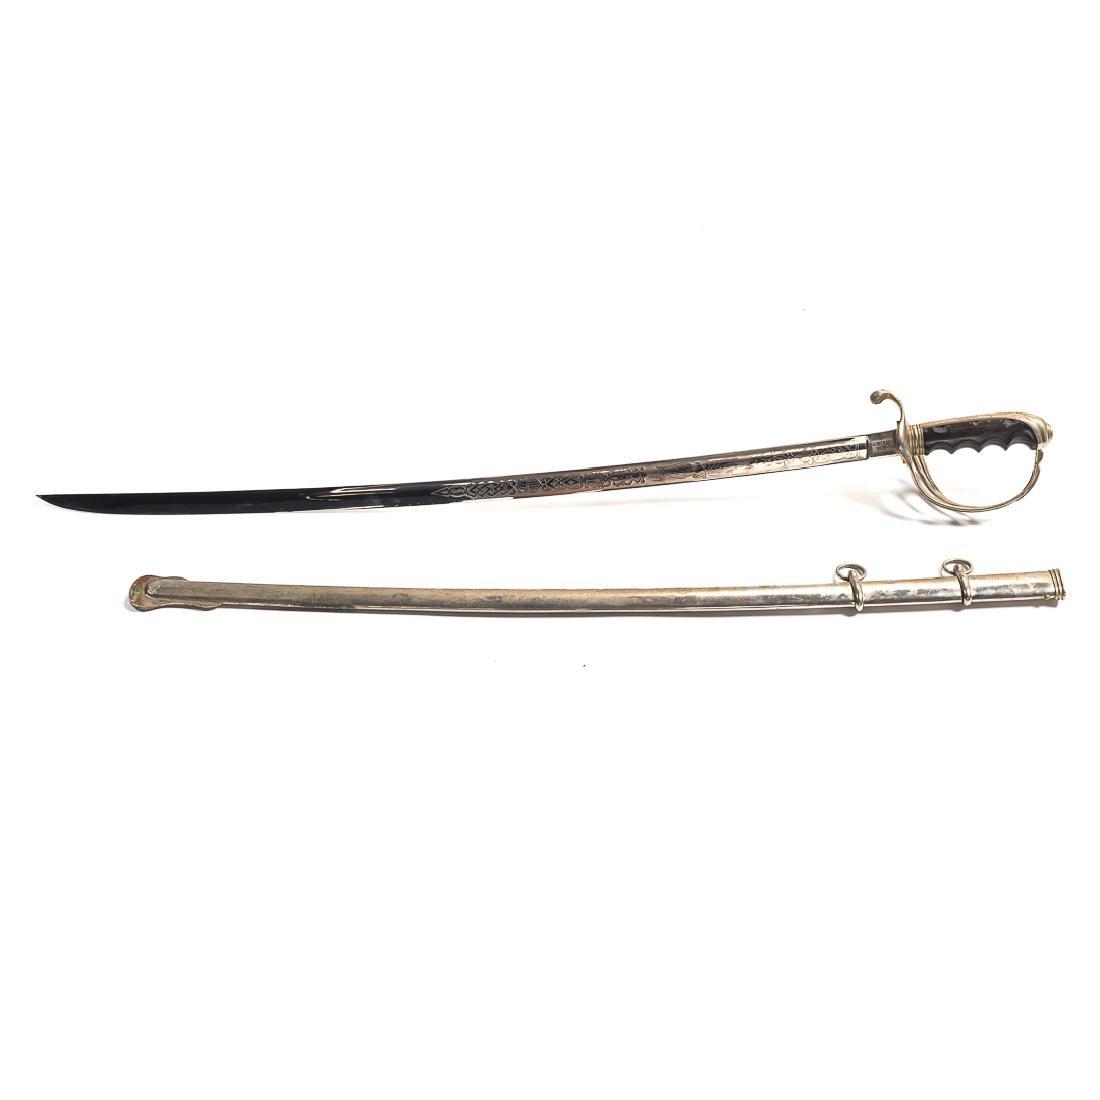 Henry V. Allen & Co. military sword